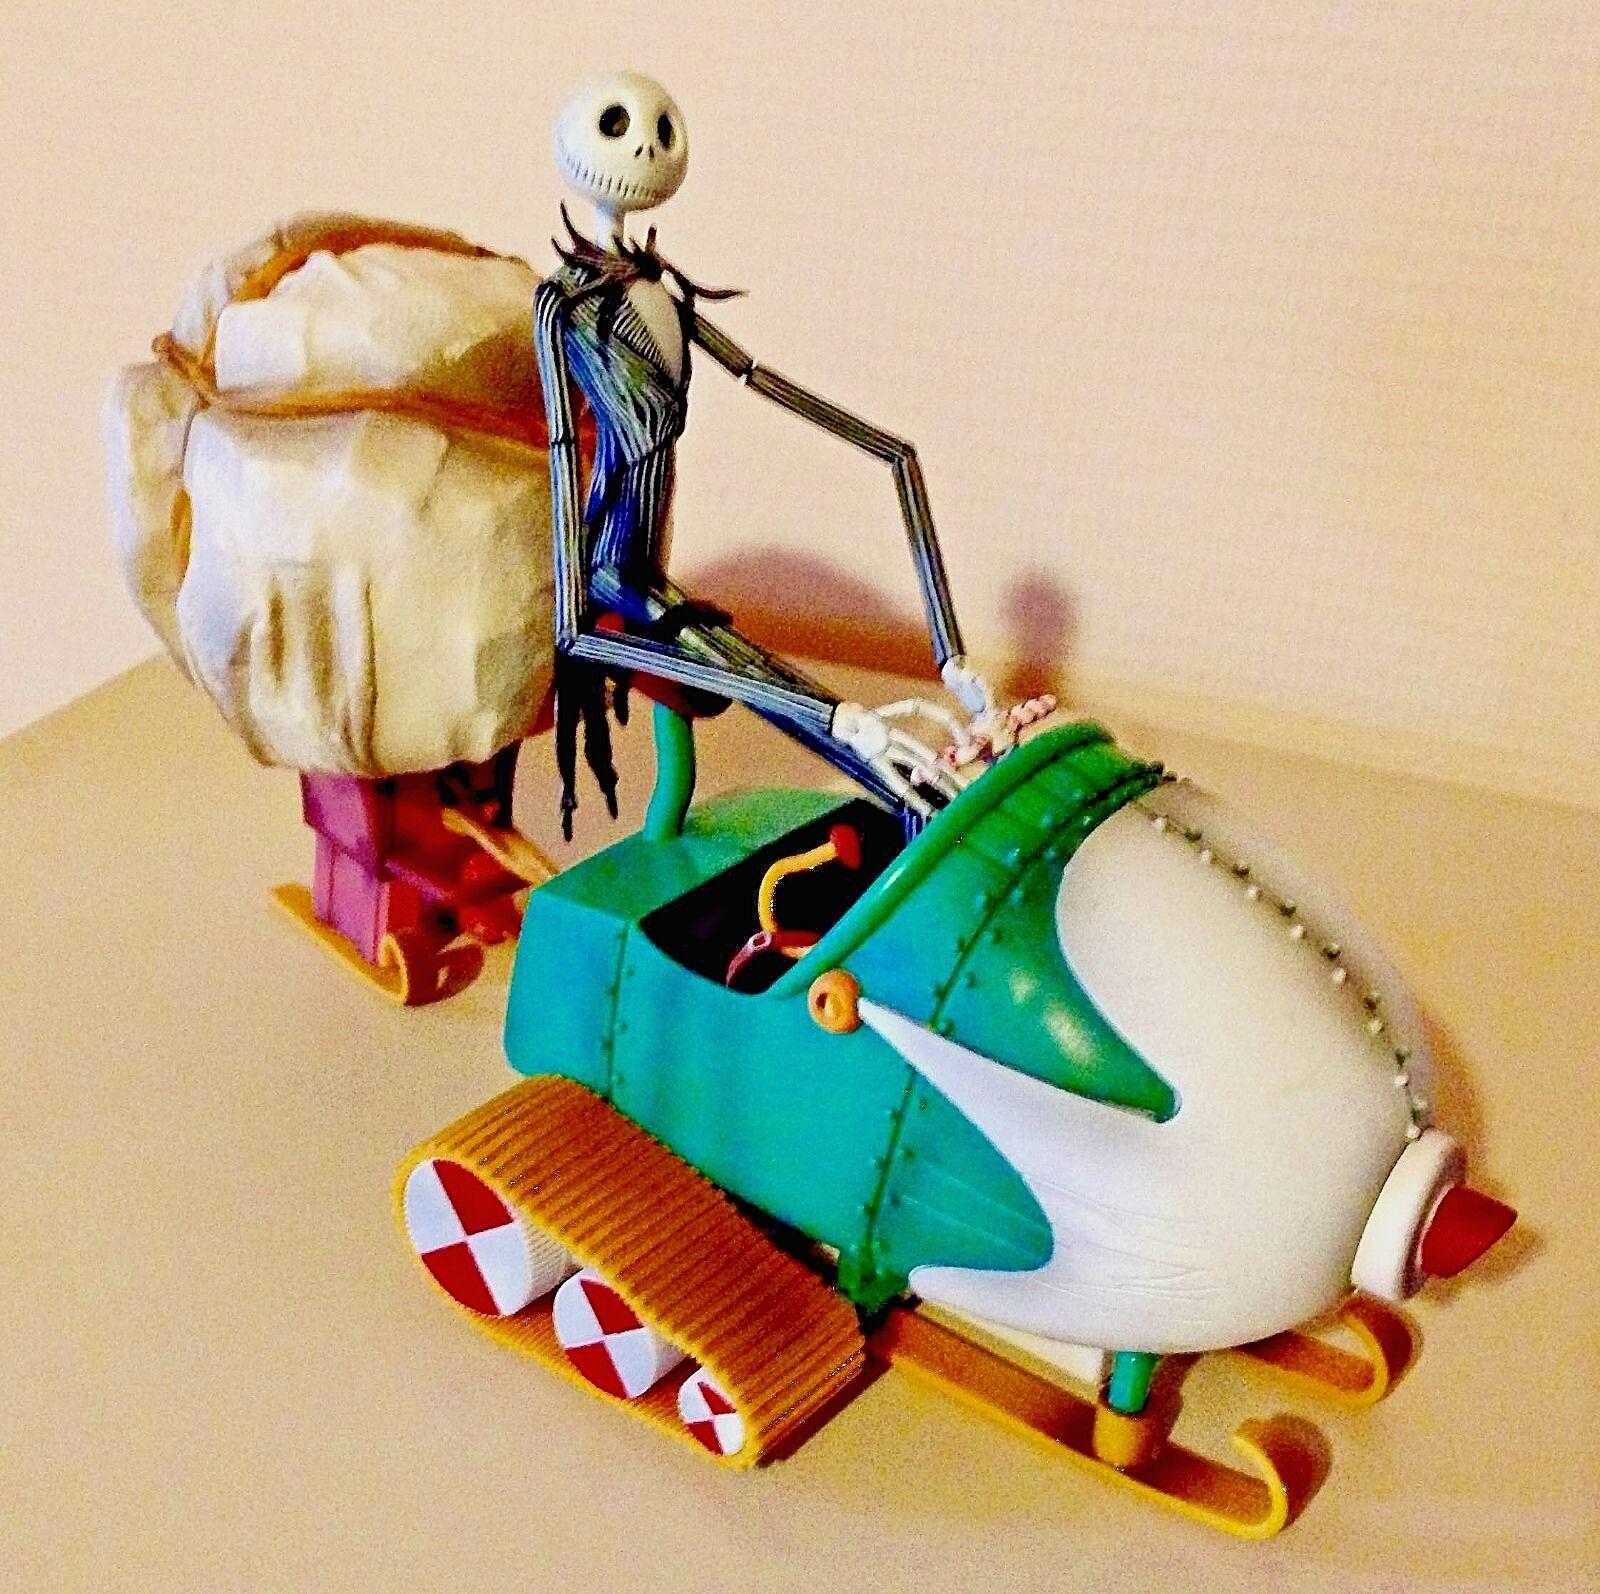 Nightmare Before Christmas • Jack Skellington • figure sleigh • RARE 2006